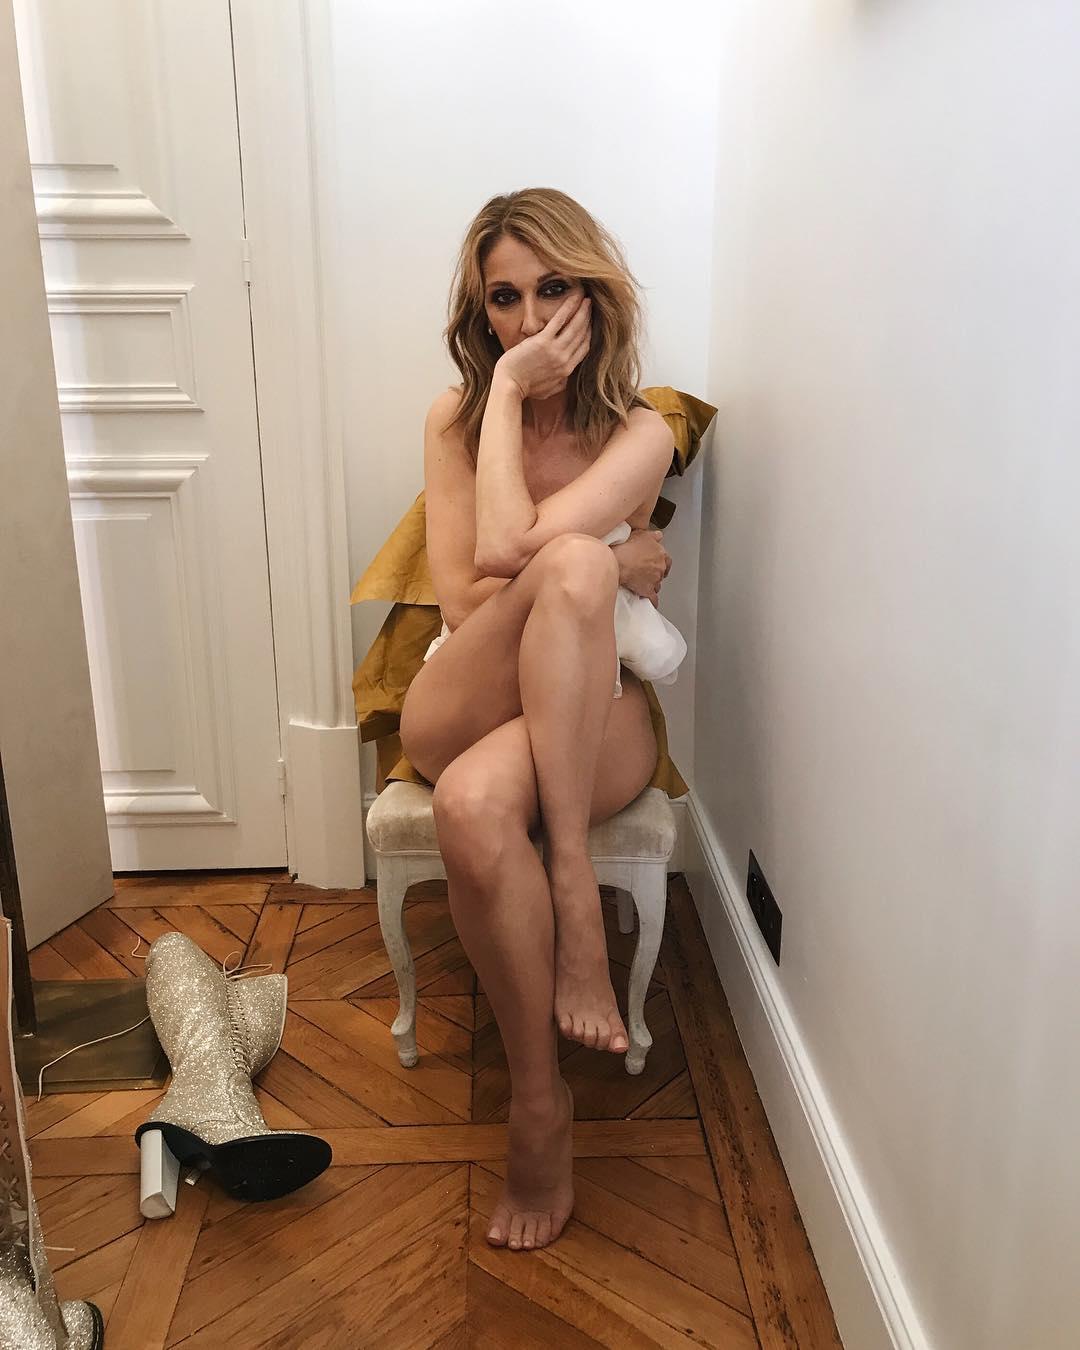 """Celine Dion, icona assoluta della musica pop internazionale, ha posatosenza veli per il magazine""""Vogue"""". Èstata fotografata da Sophia Li per Vogue Francia durante laParis Fashion Week probabilmente durante un cambio d'abito. Celine Dion senza veli, posa nuda per Vogue Lo scatto, pubblicato sul profilo Instagram @voguemagazine, mostra la divacanadese nuda rannicchiata su una sedia con le gambe accavallate e con la mano sul viso.La didascalia spiega che i suoi abiti di scena vengono modificati per adattarsi alle esigenze di Celine. «Ecco alcuni semplici fatti da considerare tutte le volte che Celine Dion si cambia d'abito durante un concerto. Negli ultimi"""